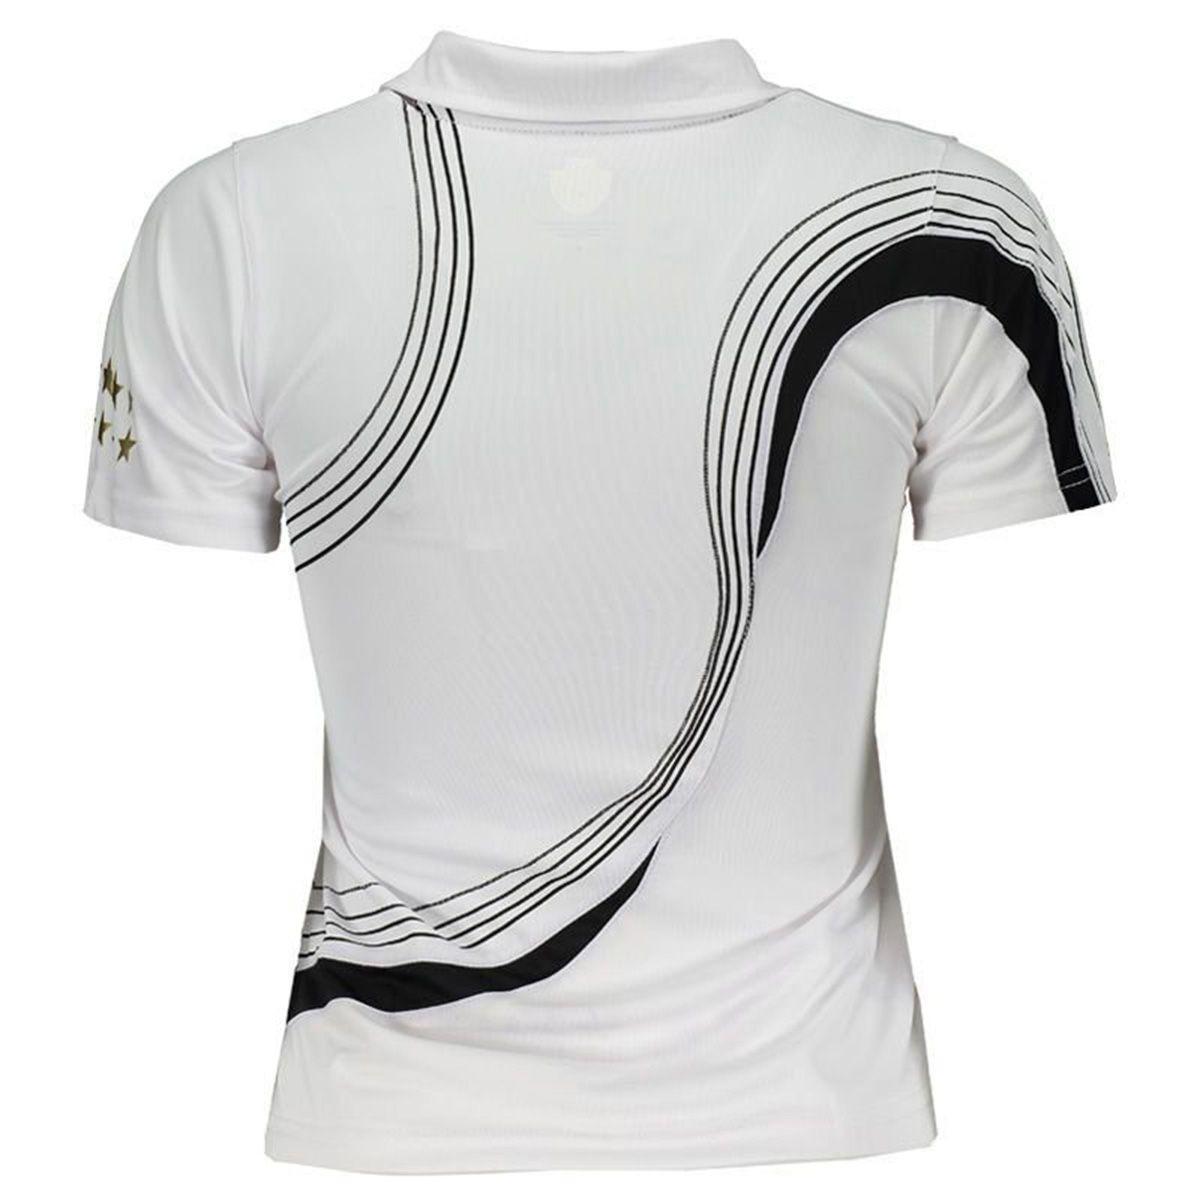 Carregando zoom... feminina vasco camisa. Carregando zoom... camisa polo  feminina vasco da gama logo lateral oficial +nf 6651c14c9f78b